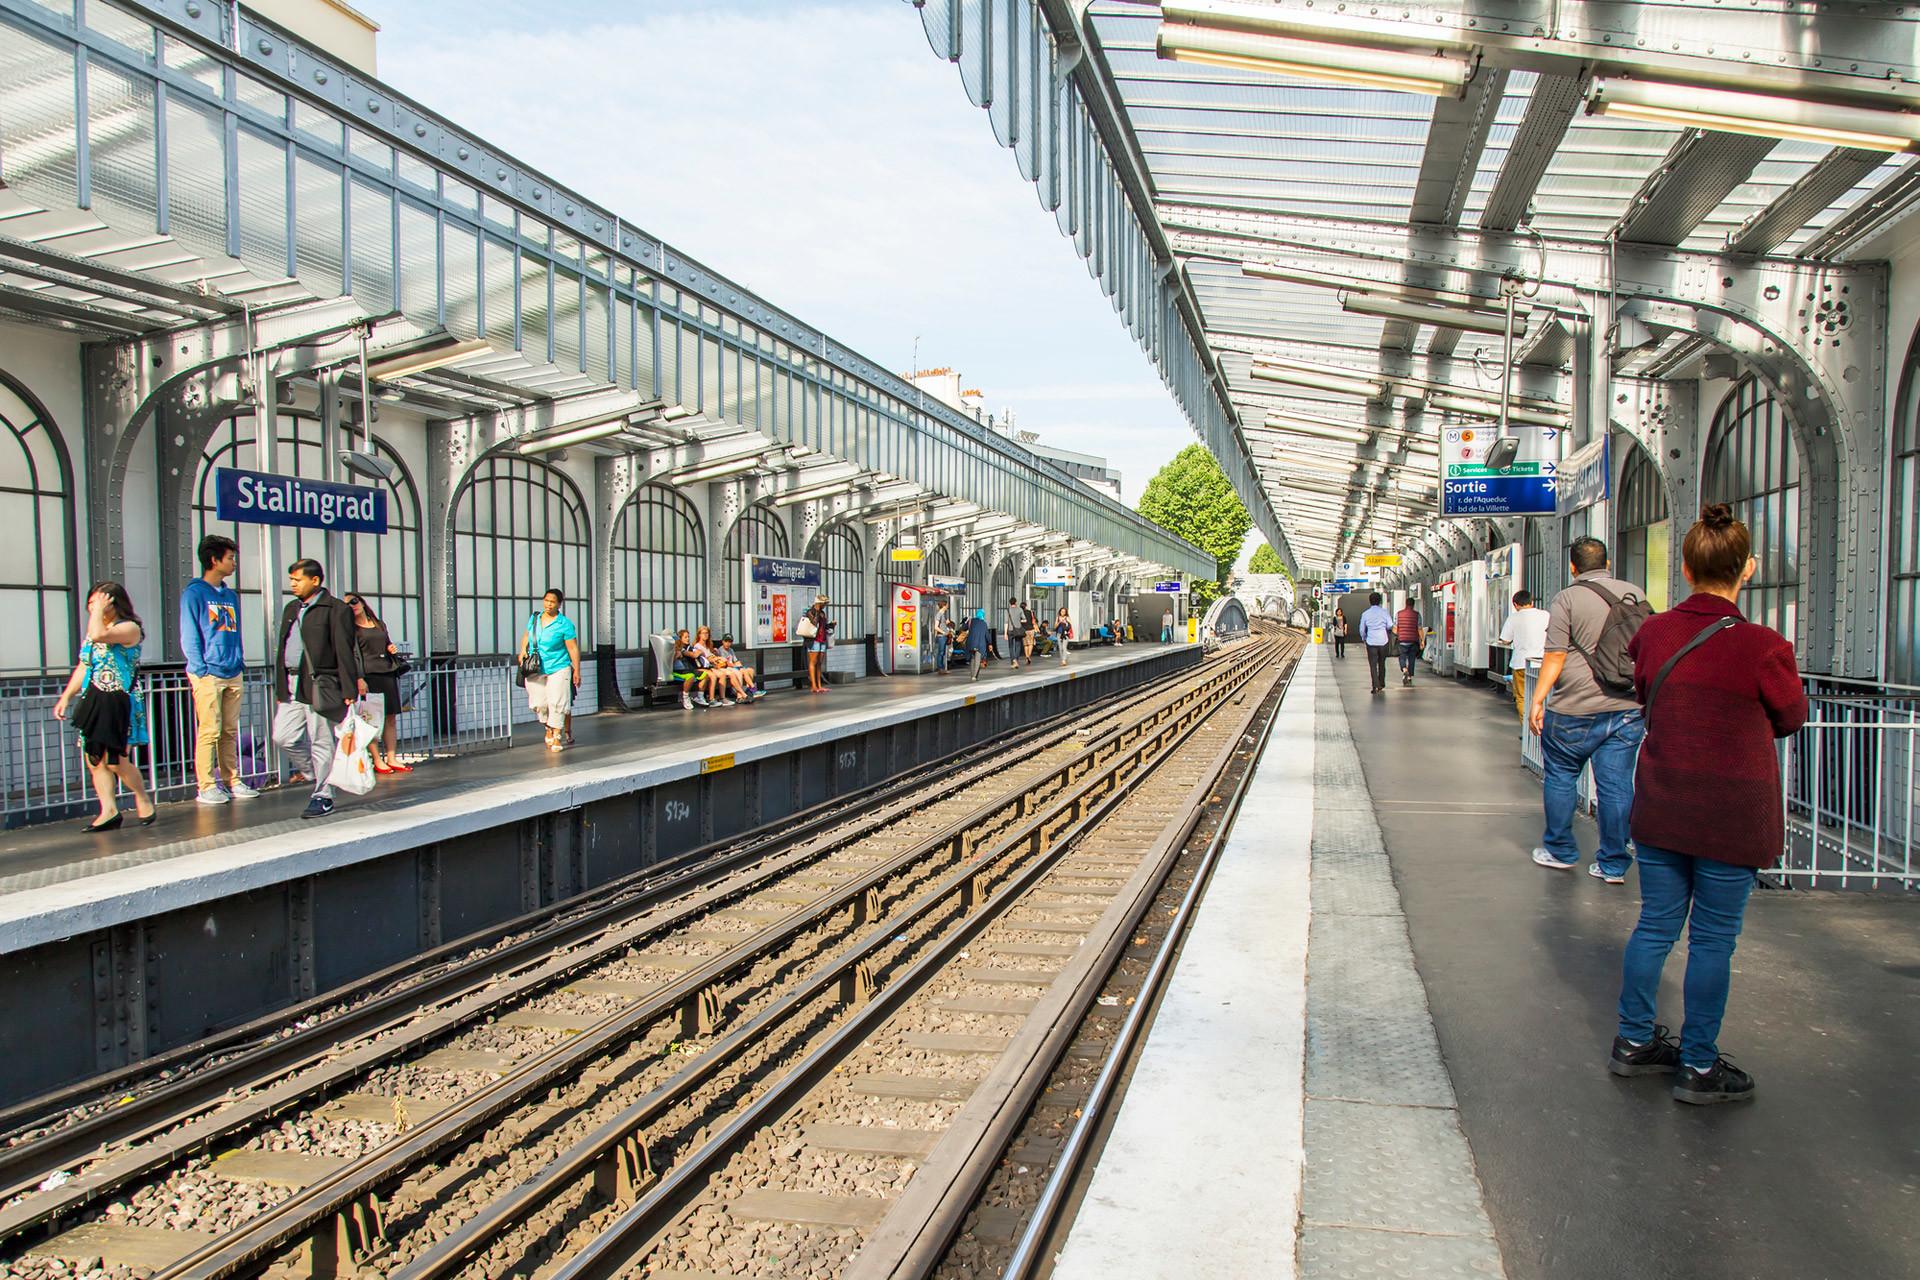 10 secrets of the metro